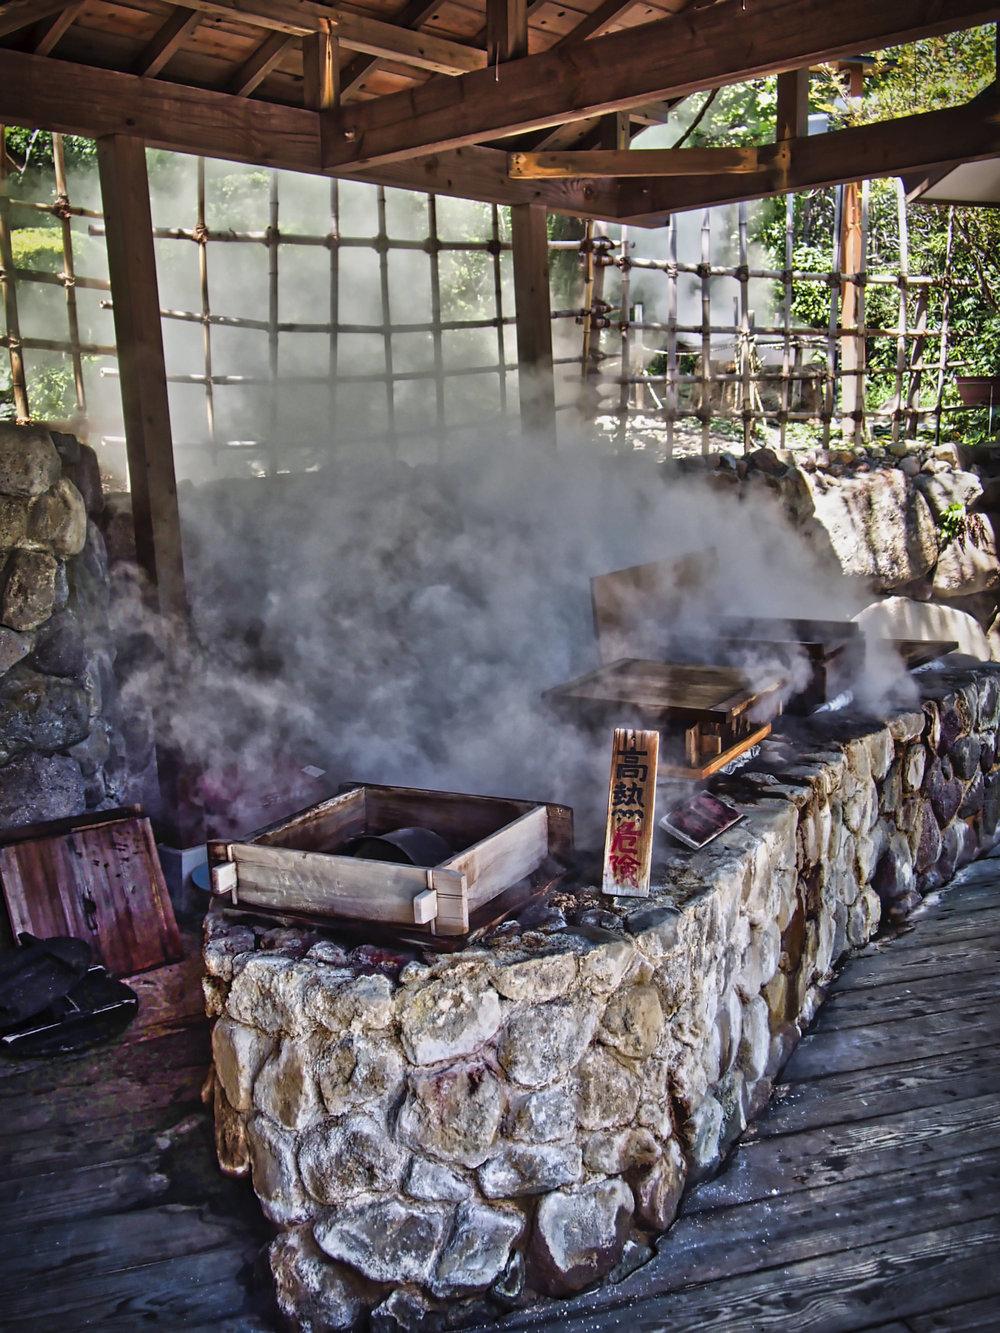 Beppu Steamer-Beppu-Kyushu-Japan-wmlamont-P7291672.jpg